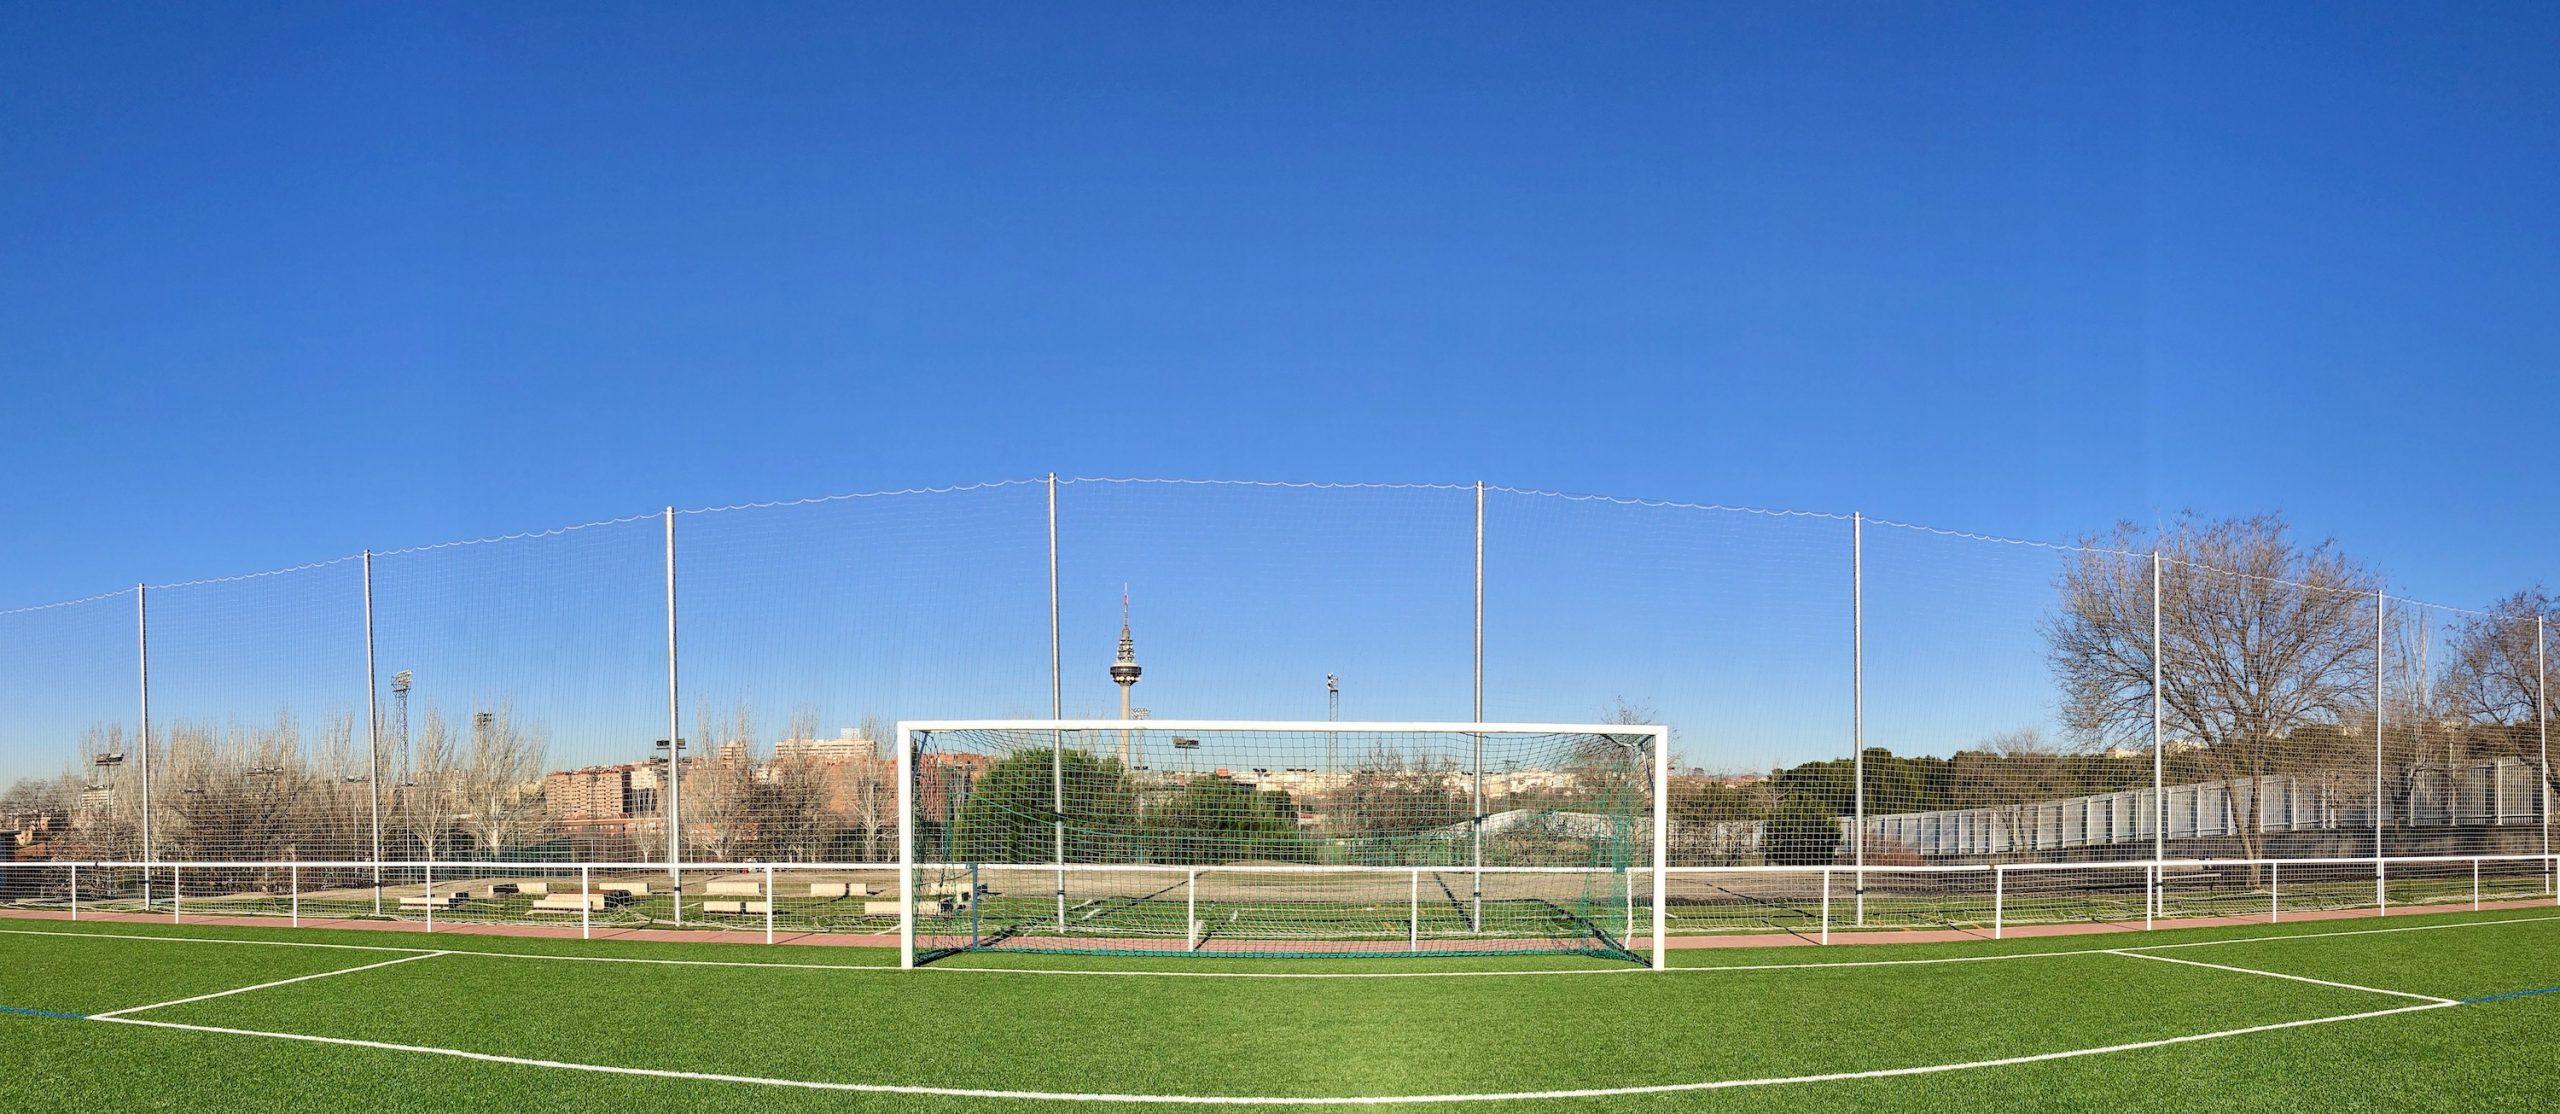 Centre De Formation De Gardien De But De Football - Centre à Jeux De Gardien De But